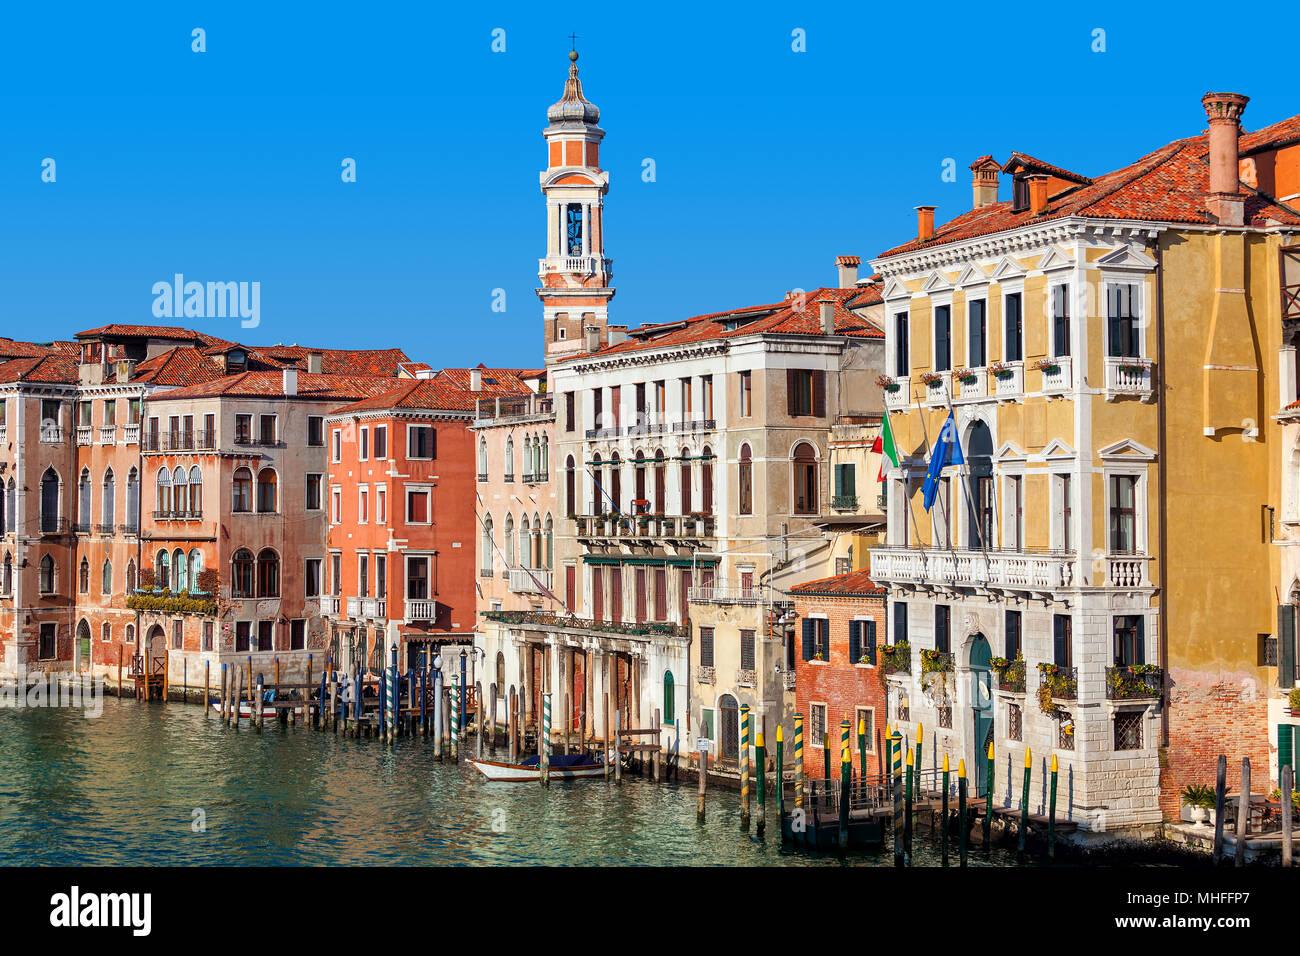 Vue de bâtiments colorés le long de grand canal sous ciel bleu à Venise, Italie. Photo Stock